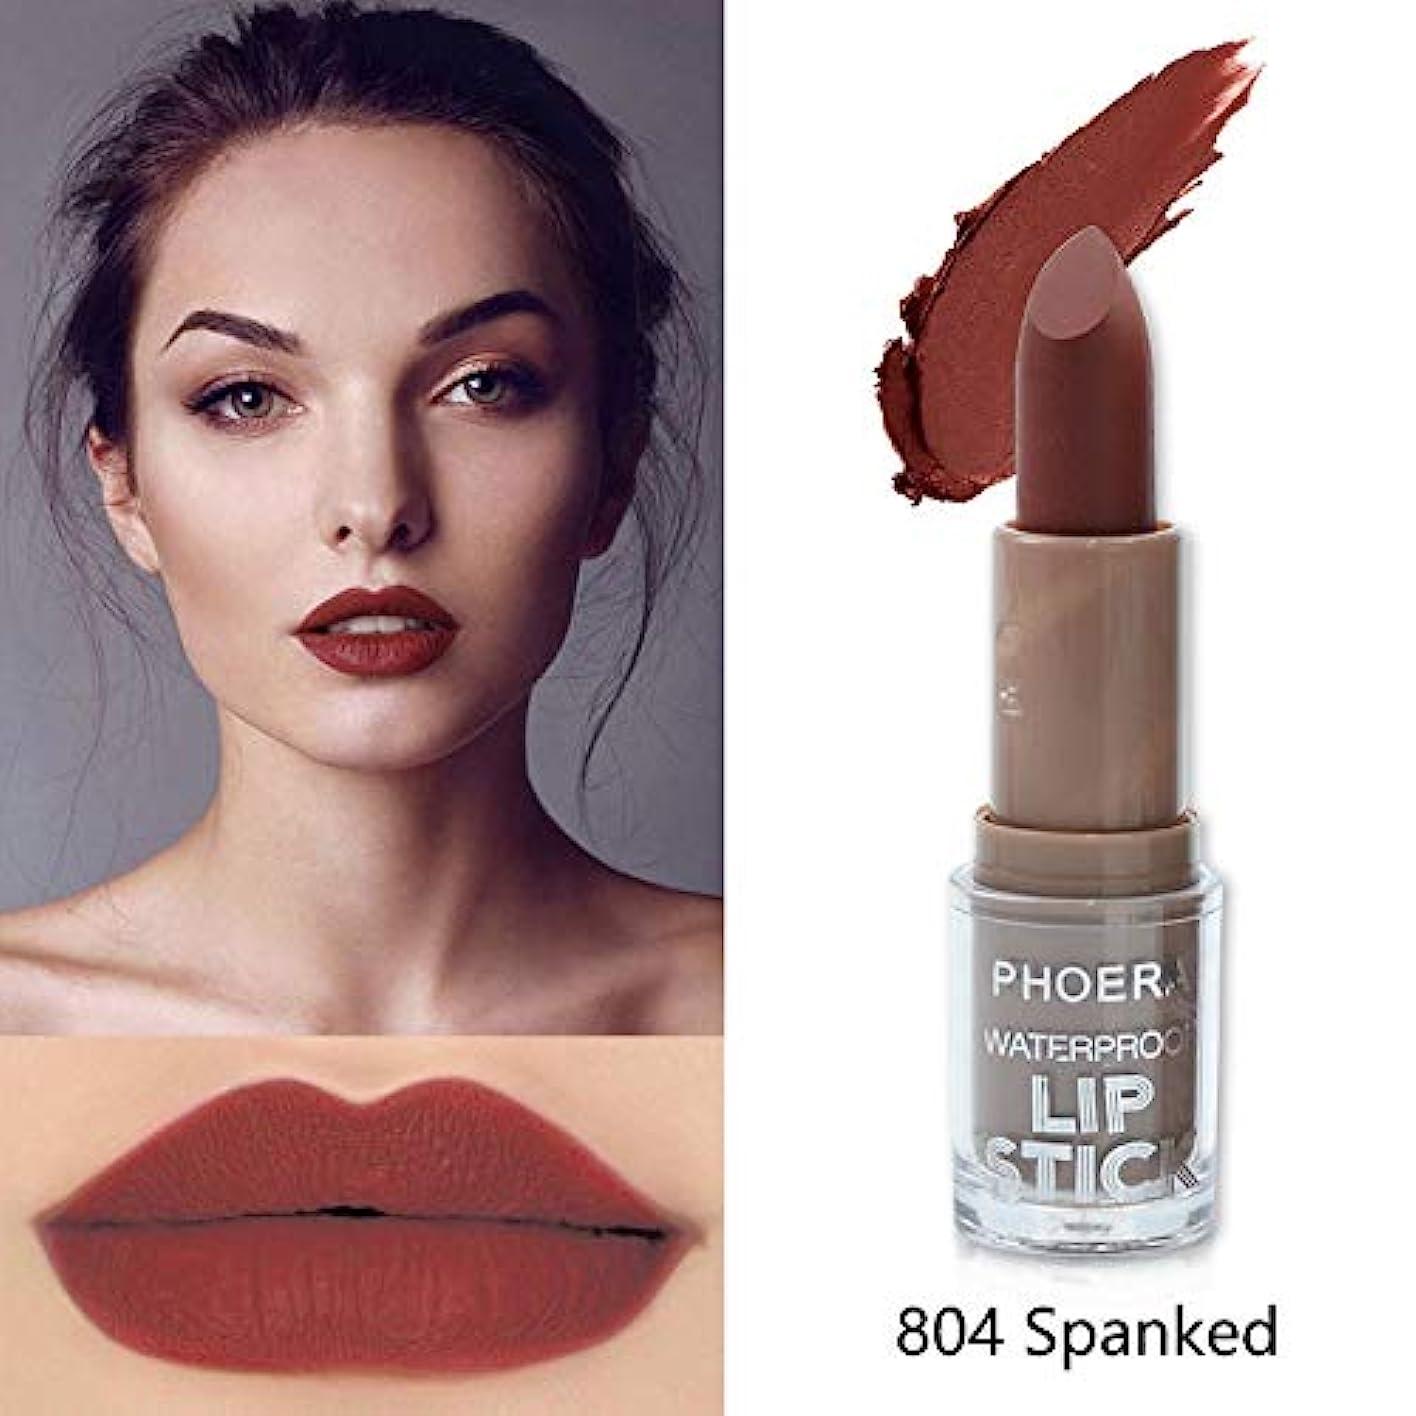 普通の永久に時期尚早Beauty Matte Moisturizing Lipstick Makeup Lipsticks Lip Stick Waterproof Lipgloss Mate Lipsticks Cosmetic